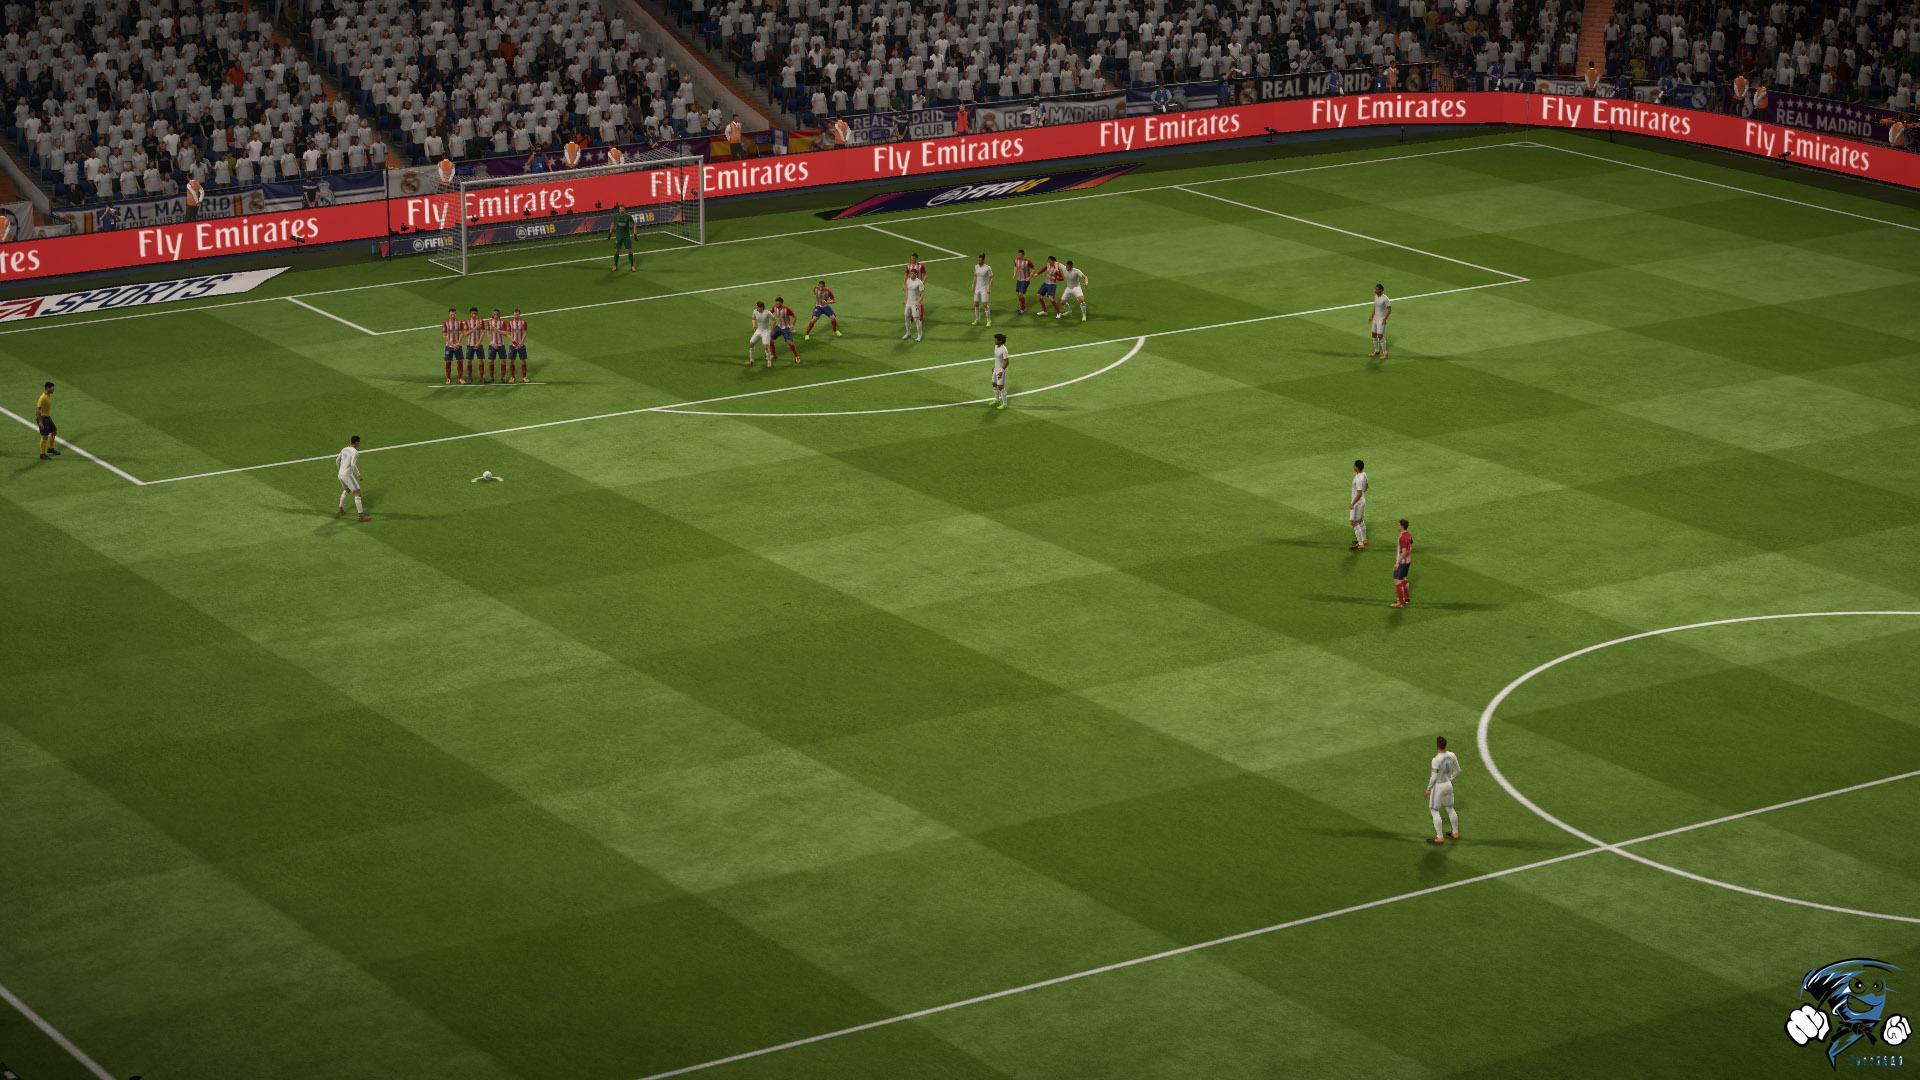 FIFA MANAGER 18 REPACK ENG 2017 1.1 1.2 RU ТОРРЕНТ СКАЧАТЬ БЕСПЛАТНО